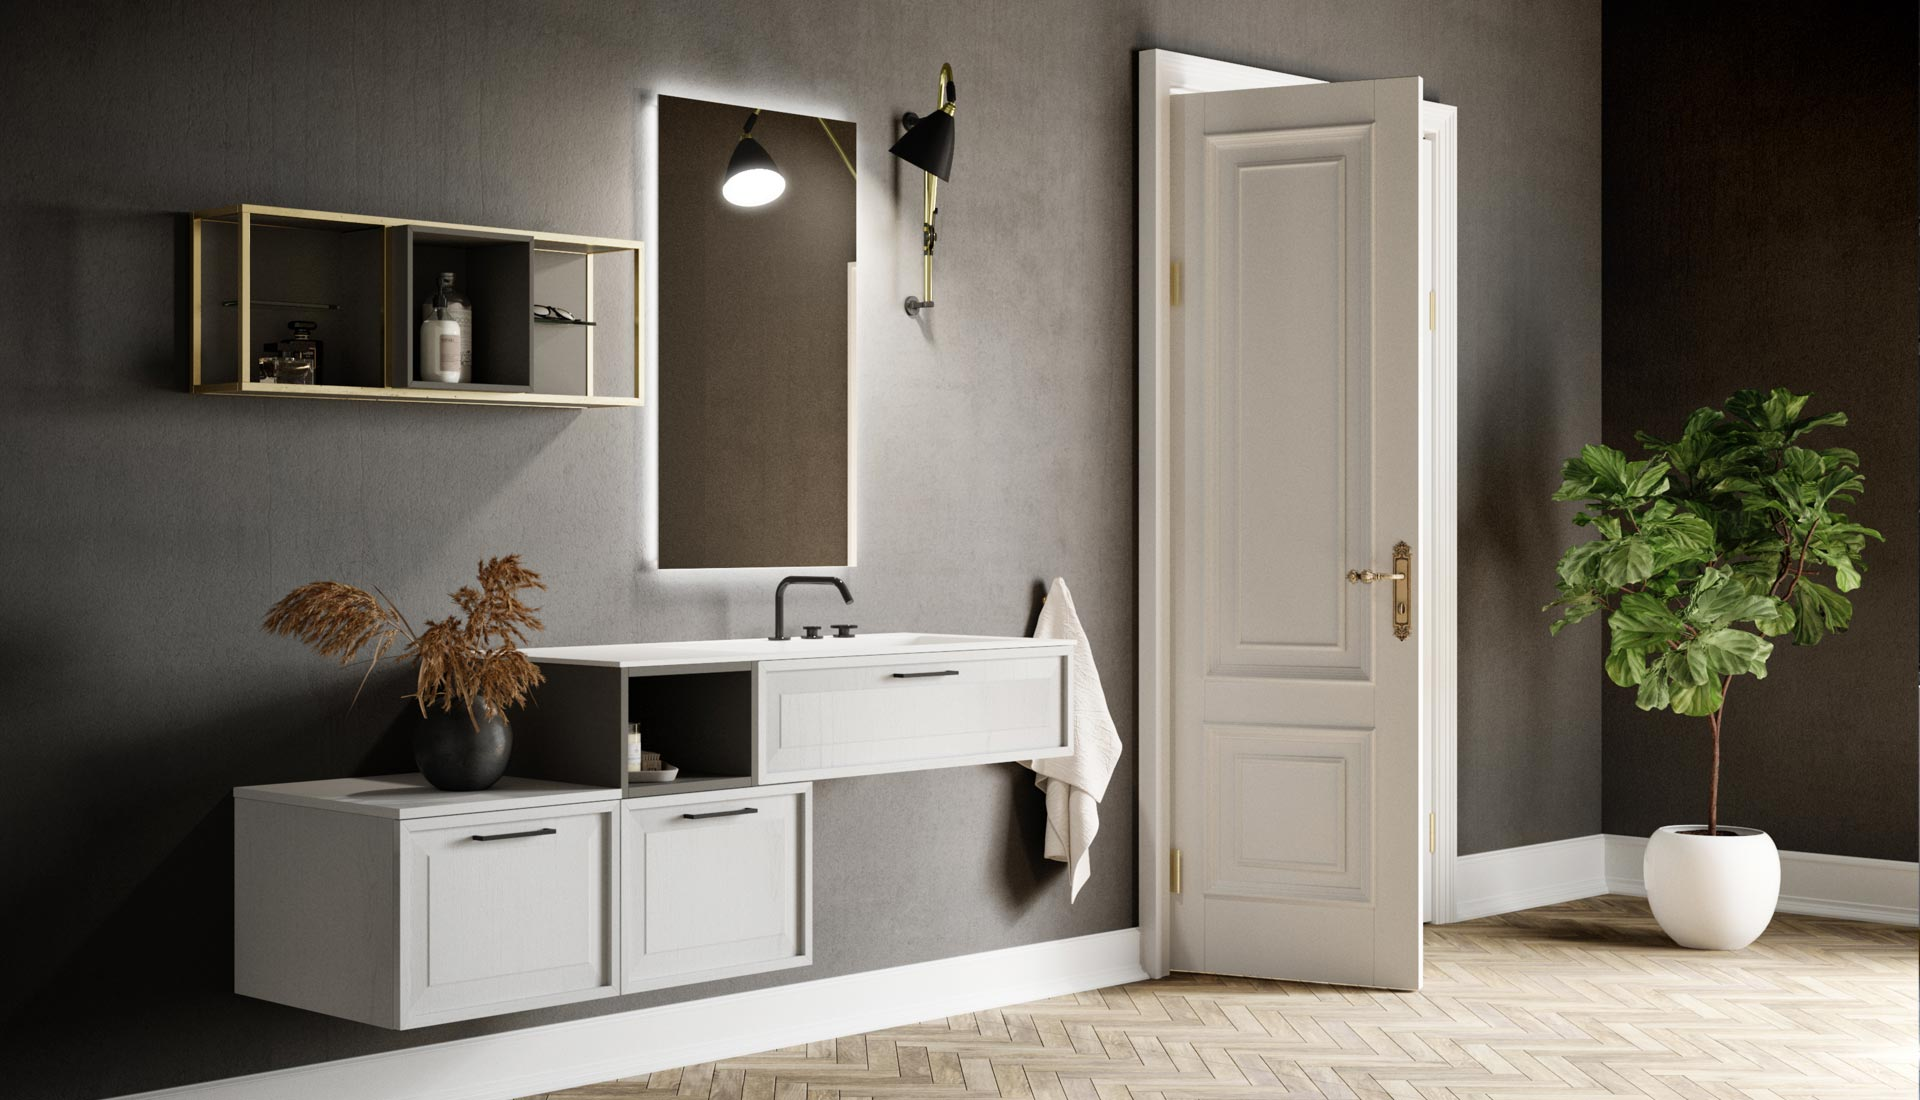 Arredo bagno mobili e arredamento bagno su misura puntotre - Mobili arredo bagno roma ...